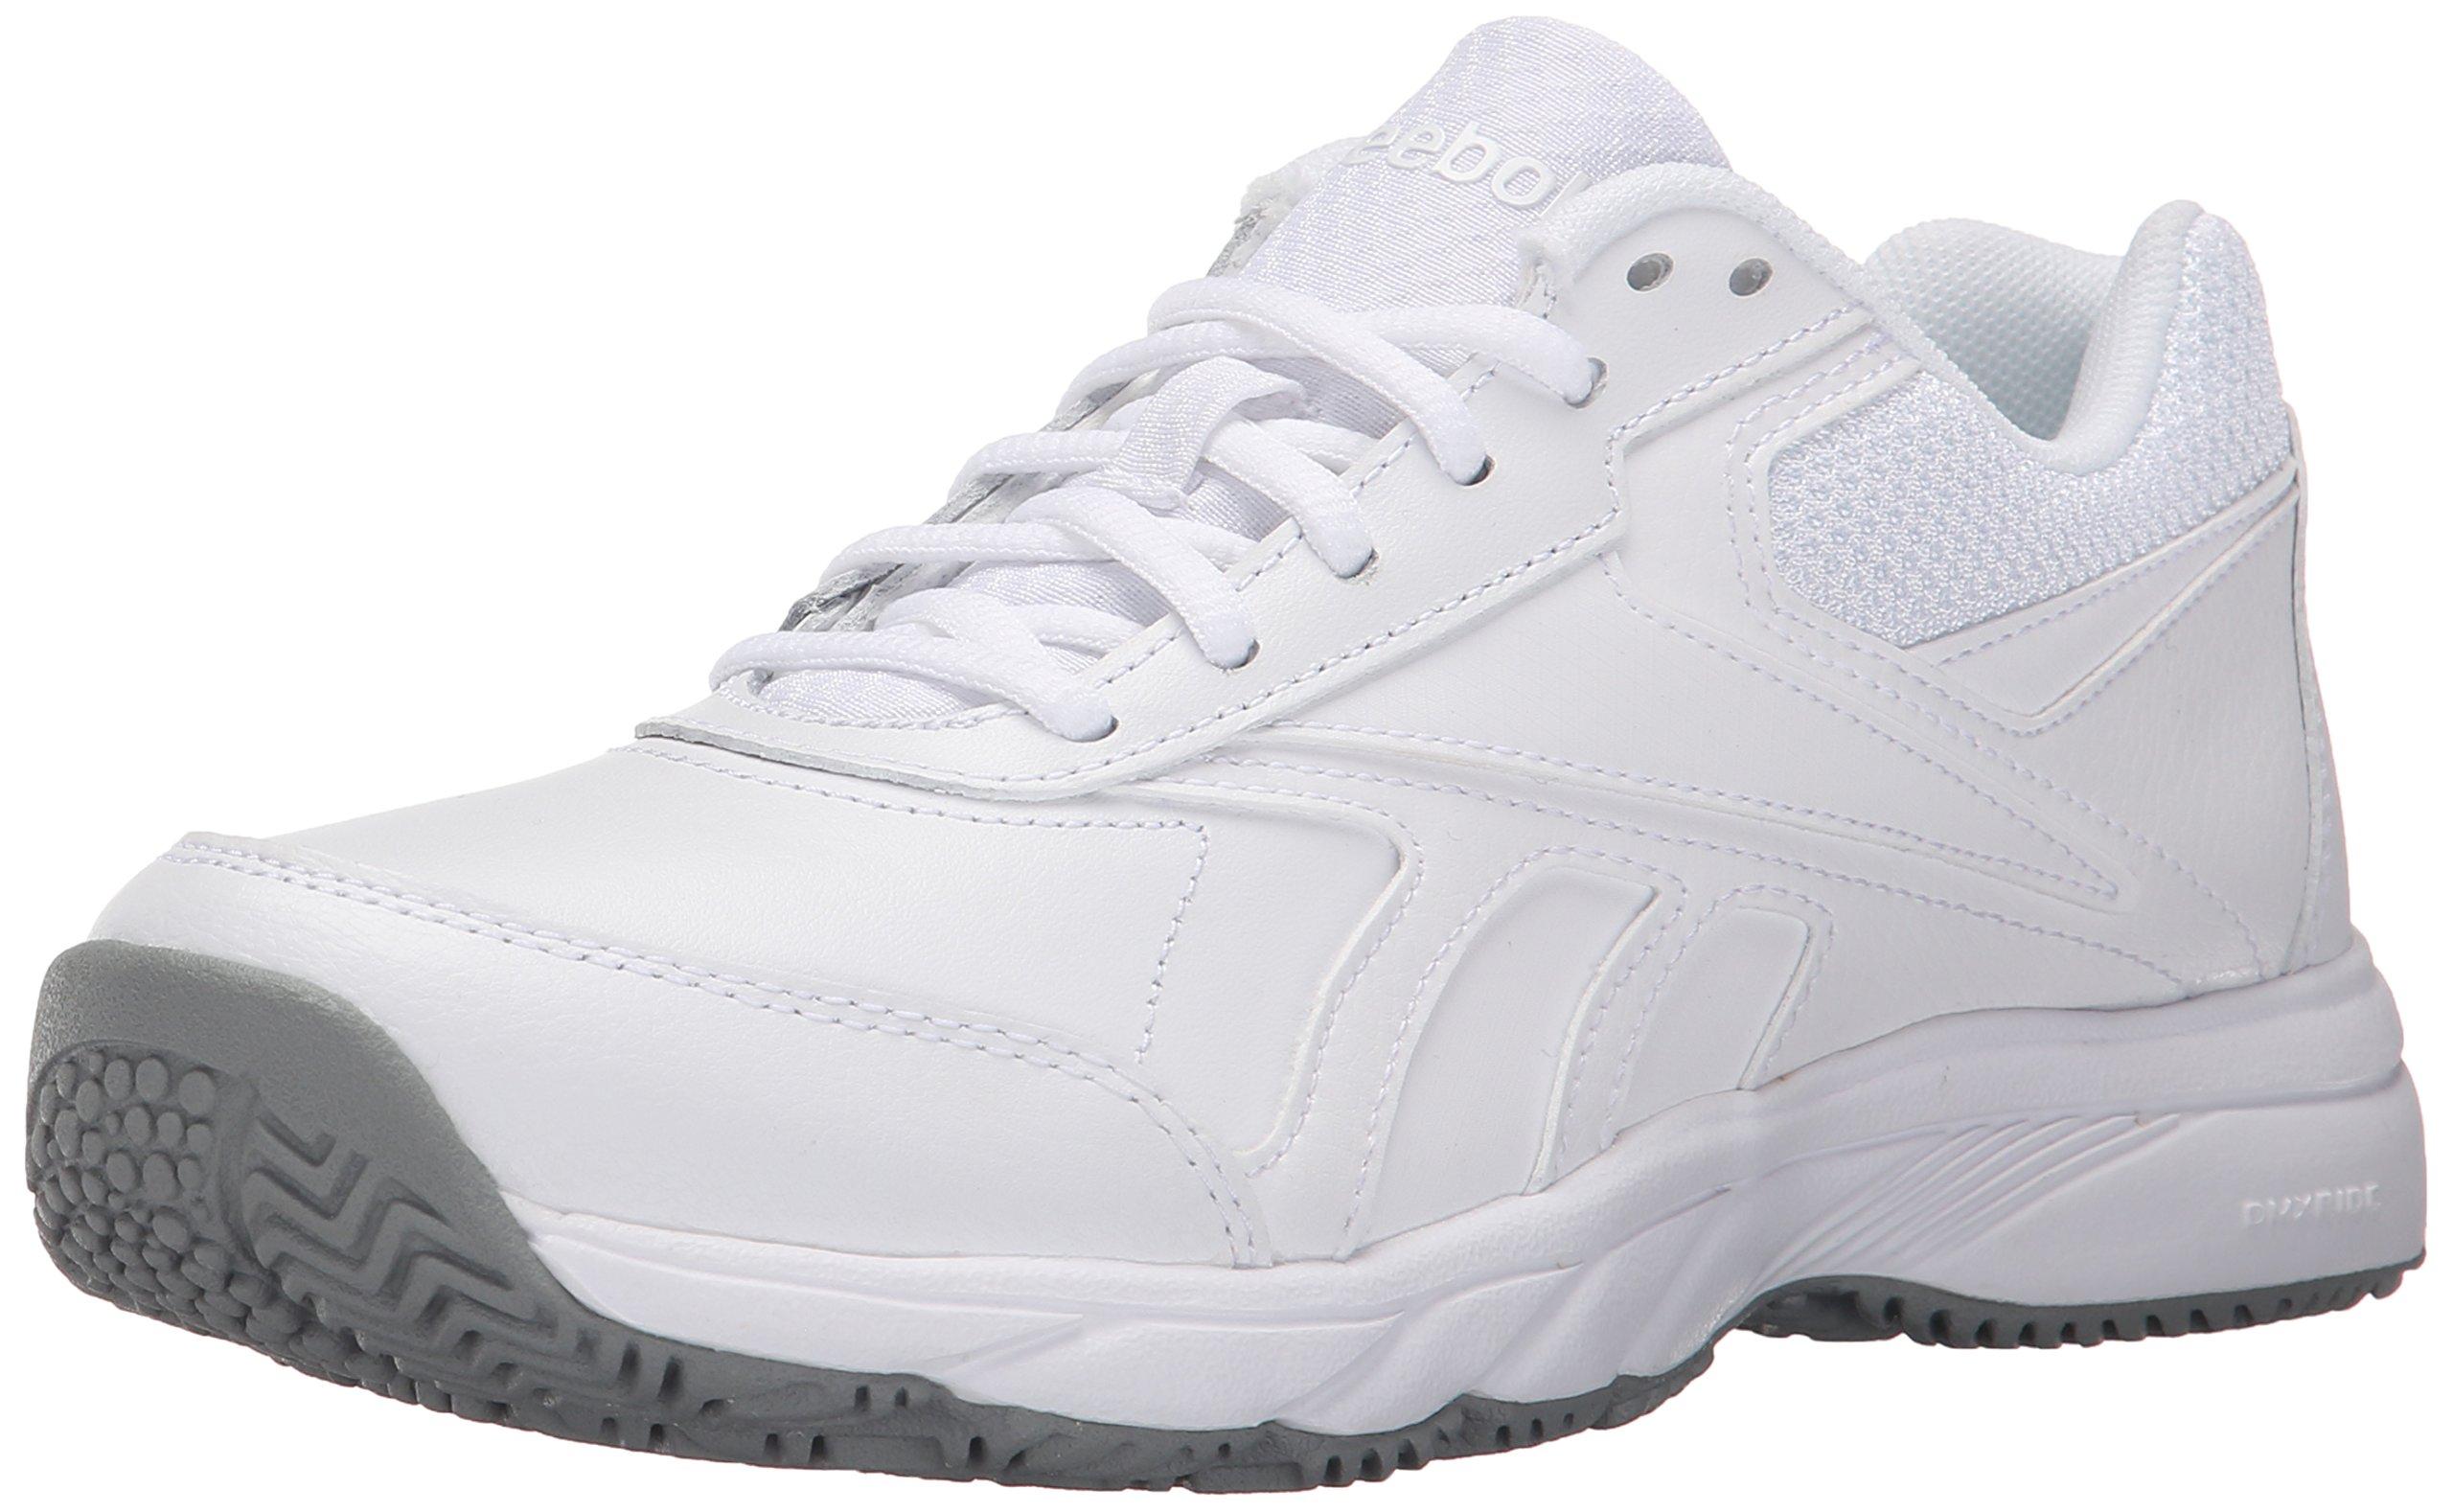 Reebok Women's Work N Cushion 2.0 Walking Shoe, White/Flat Grey, 9 M US